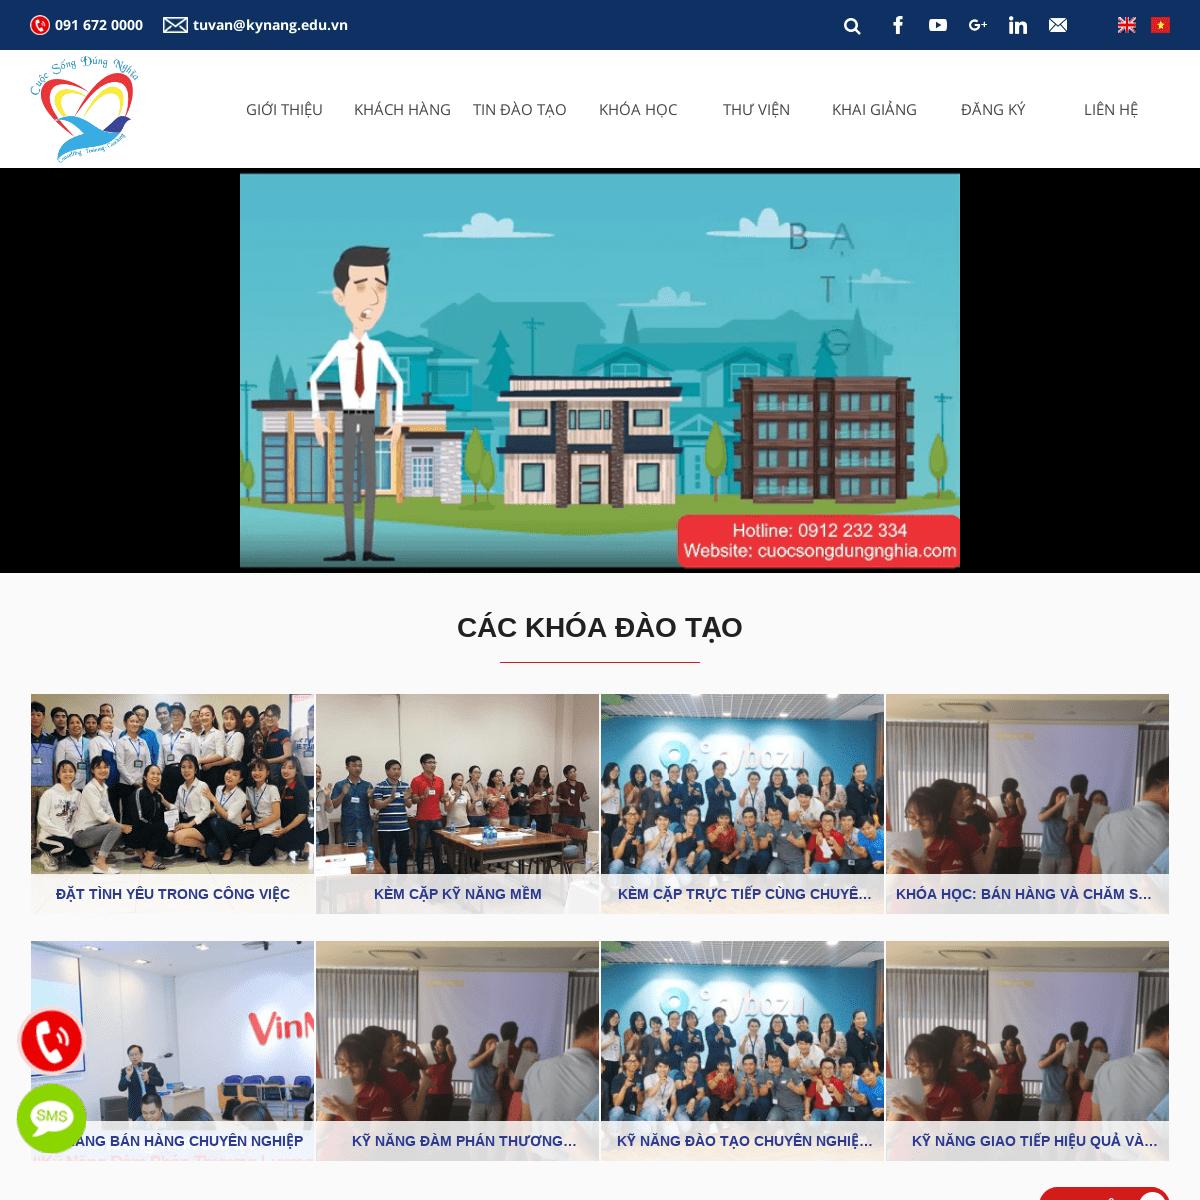 ArchiveBay.com - kynang.edu.vn - Trung Tâm Tư Vấn Và Đào Tạo Cuộc Sống Đúng Nghĩa